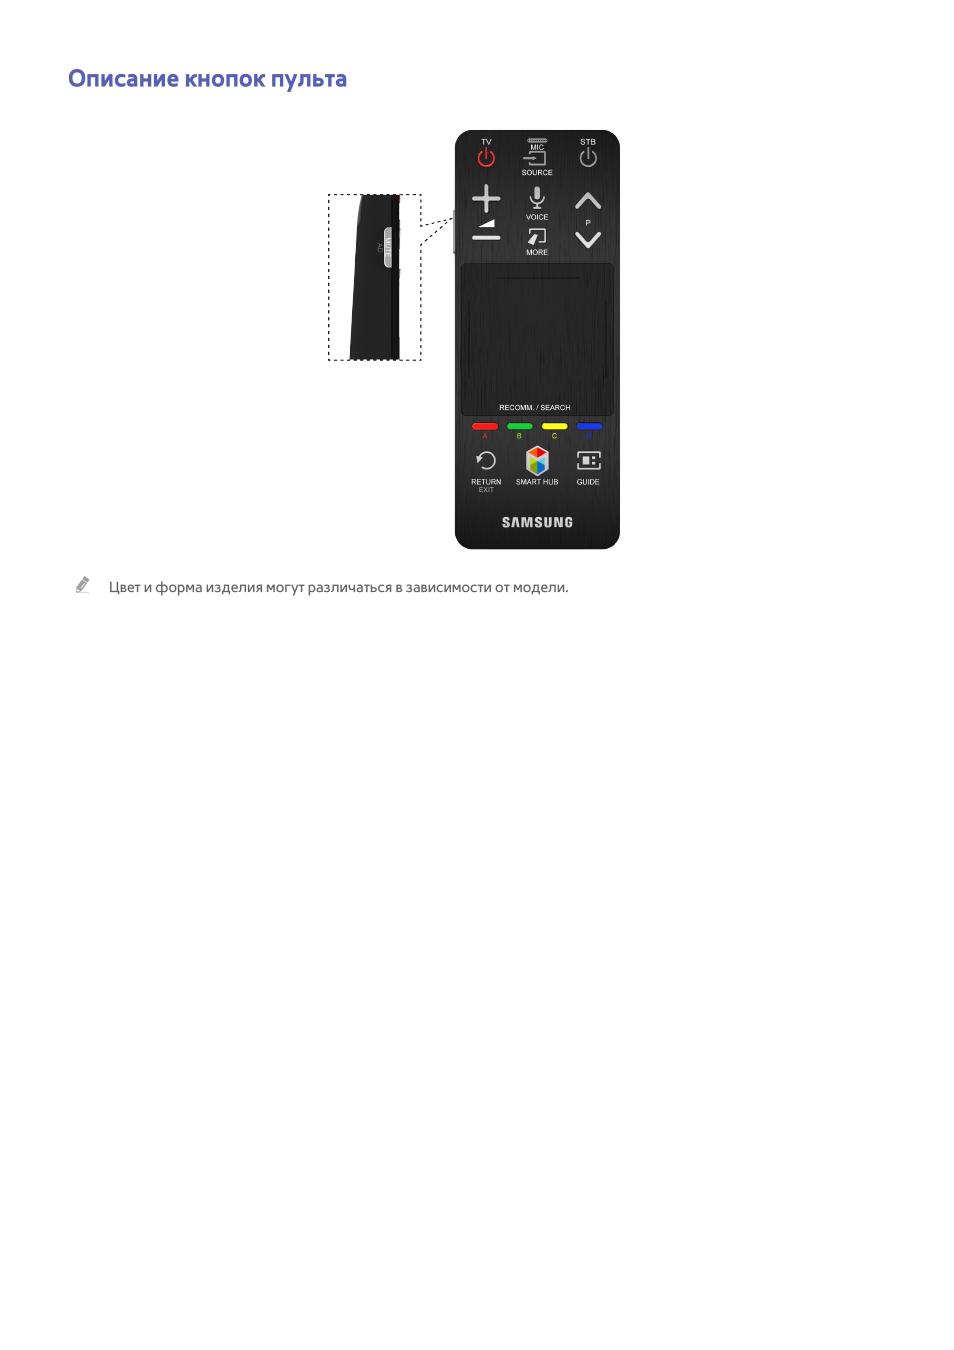 43 описание кнопок пульта, Описание кнопок пульта Инструкция по эксплуатации Samsung UE75F6300AK Страница 50 / 194